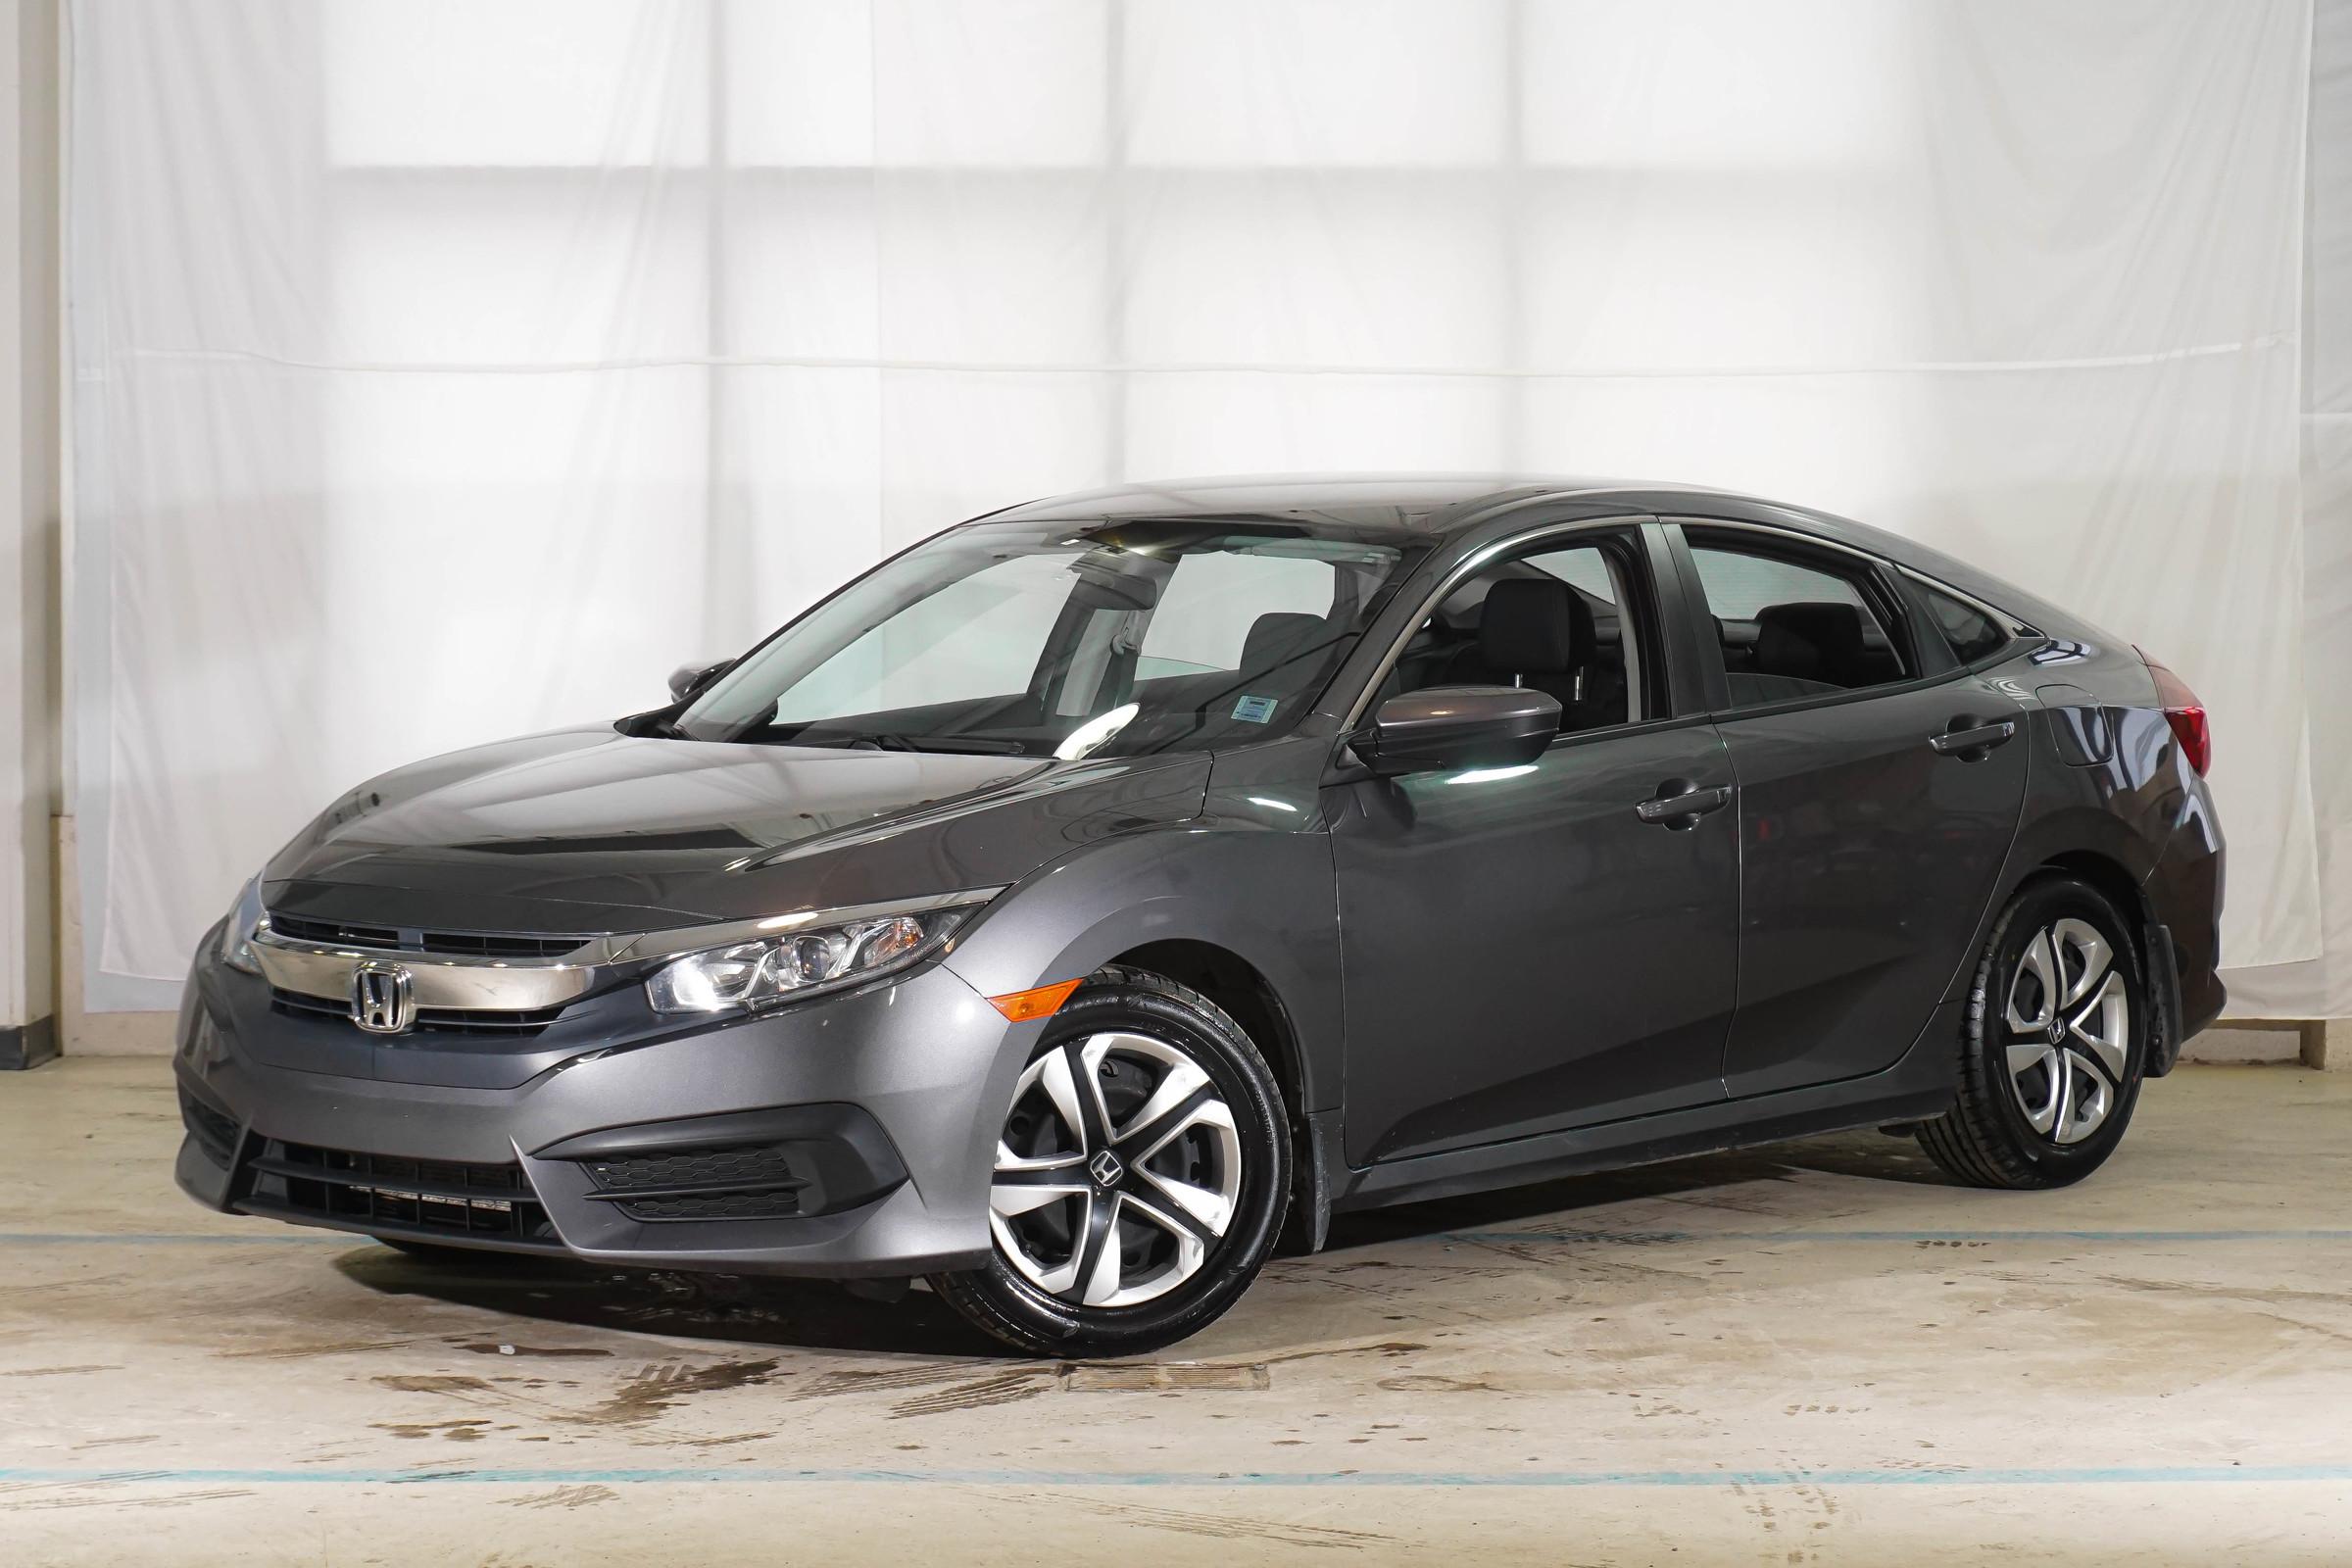 Grey Honda Civic LX